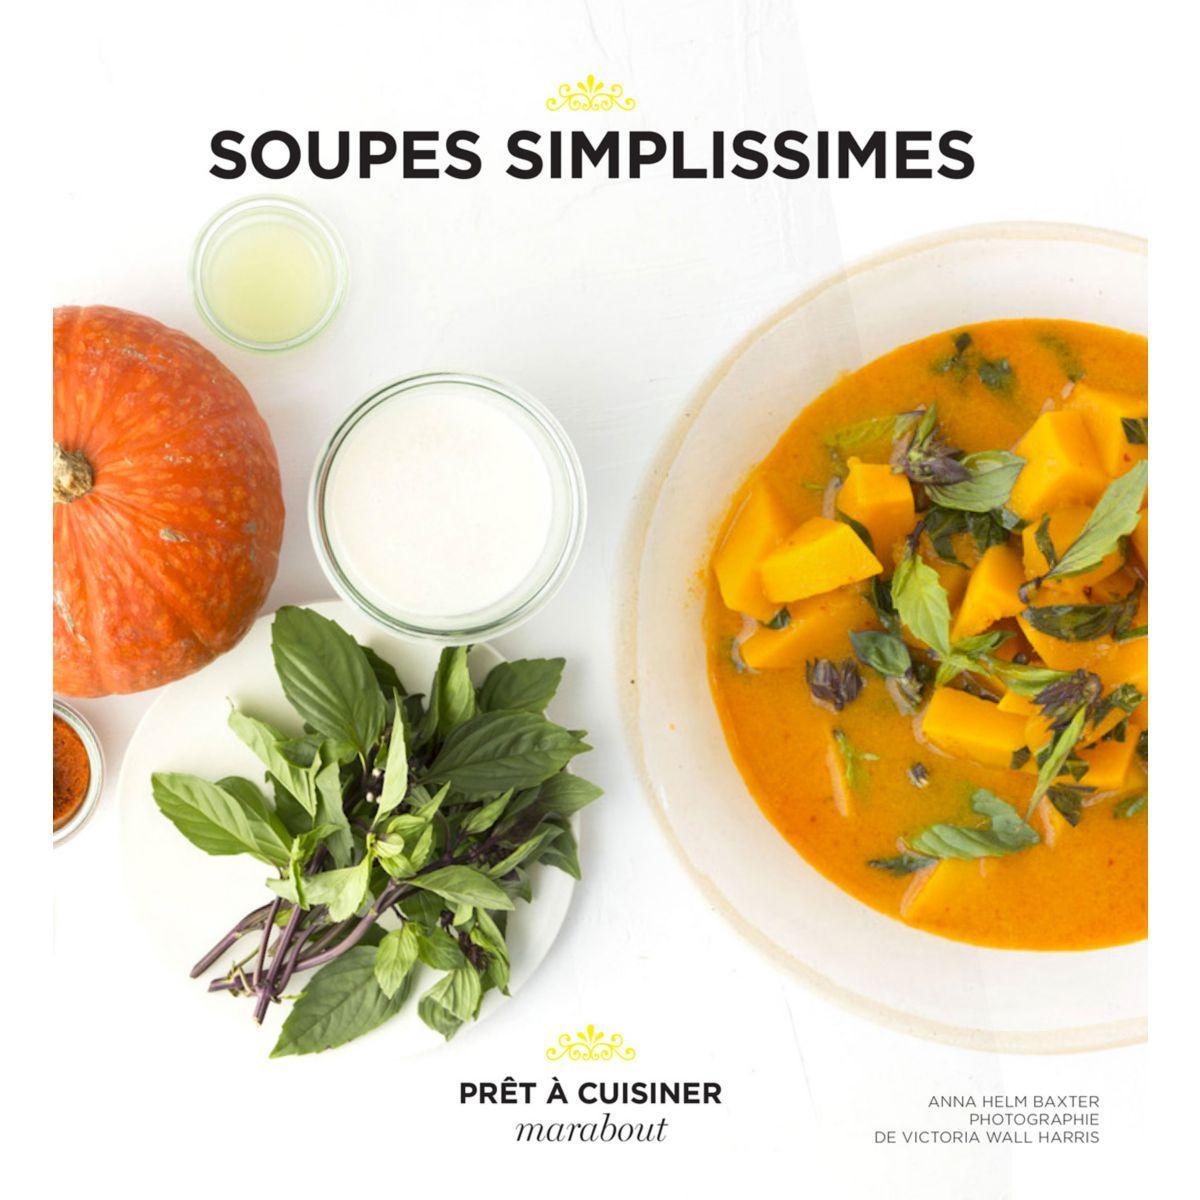 Livre hachette soupes minutes - la sélection webdistrib.com (photo)